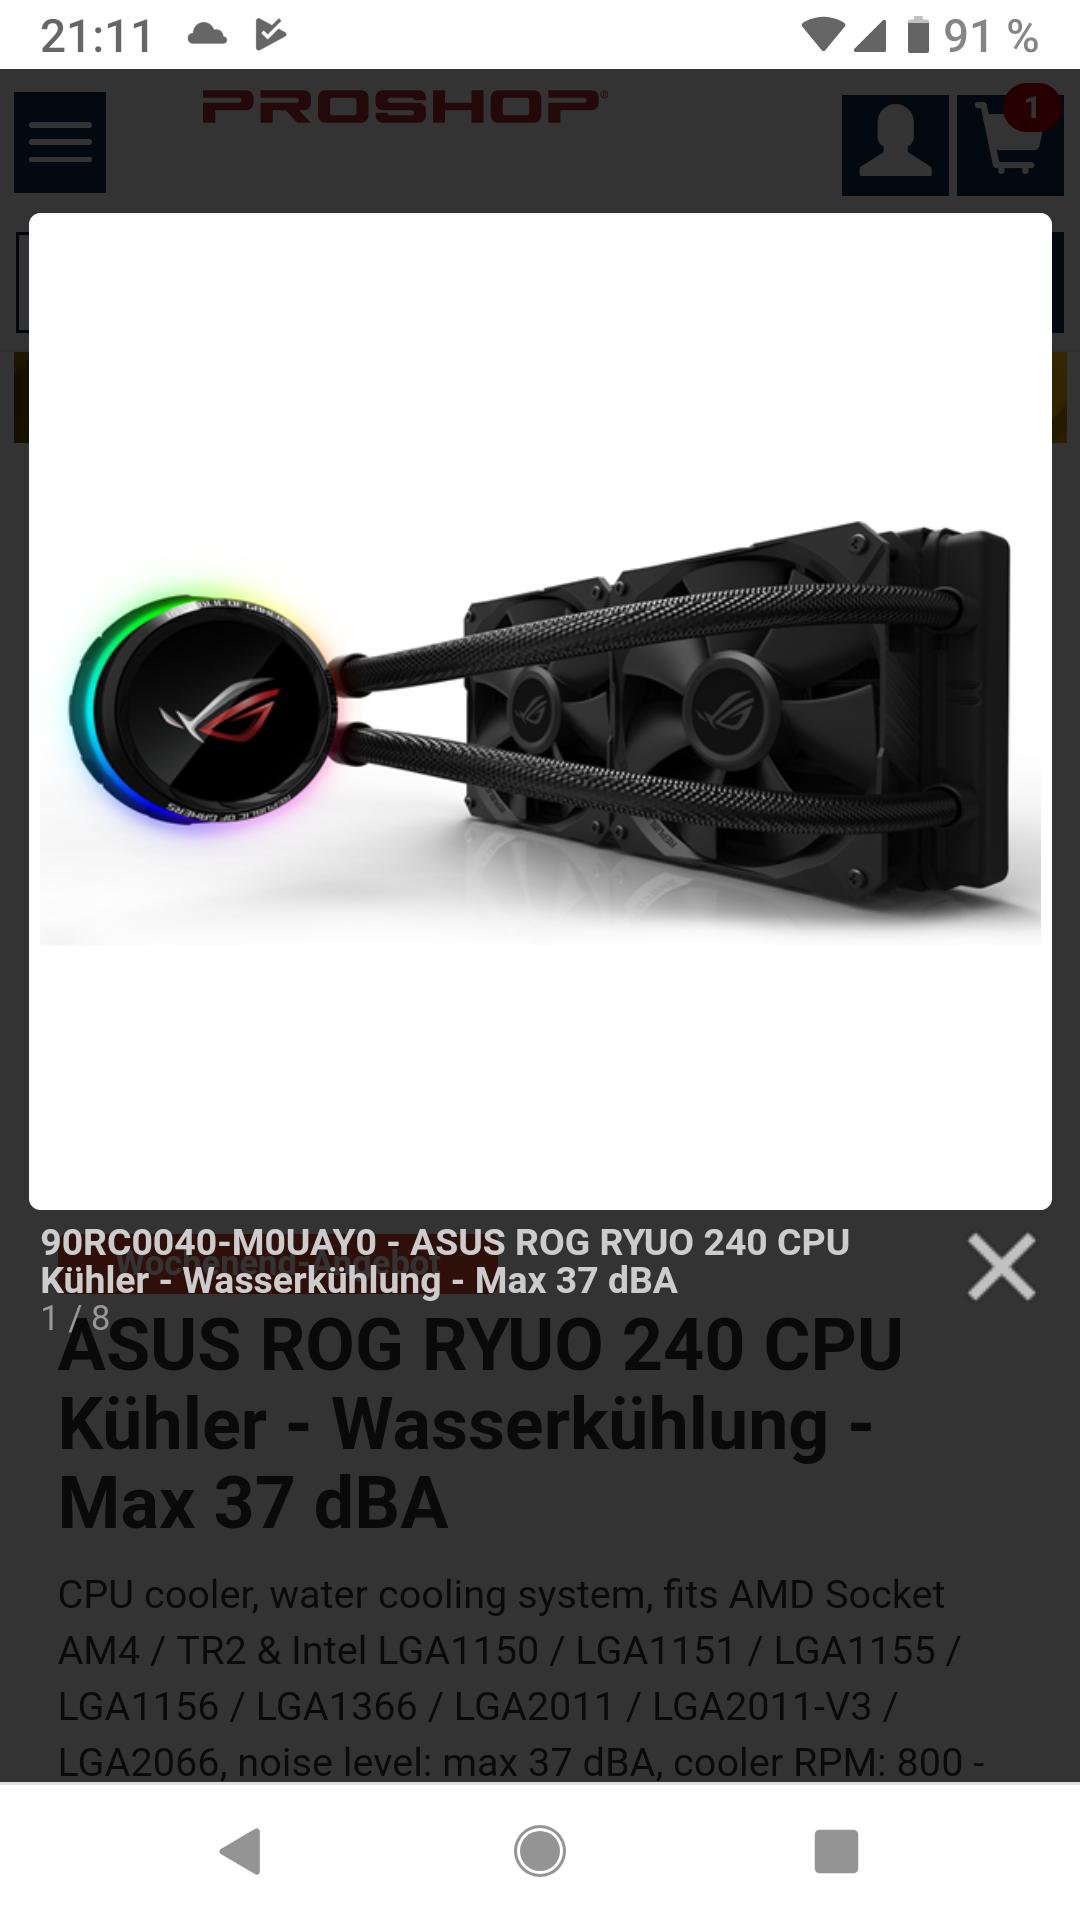 ASUS ROG RYUO 240 CPU Kühler - Wasserkühlung - Max 37 dBA